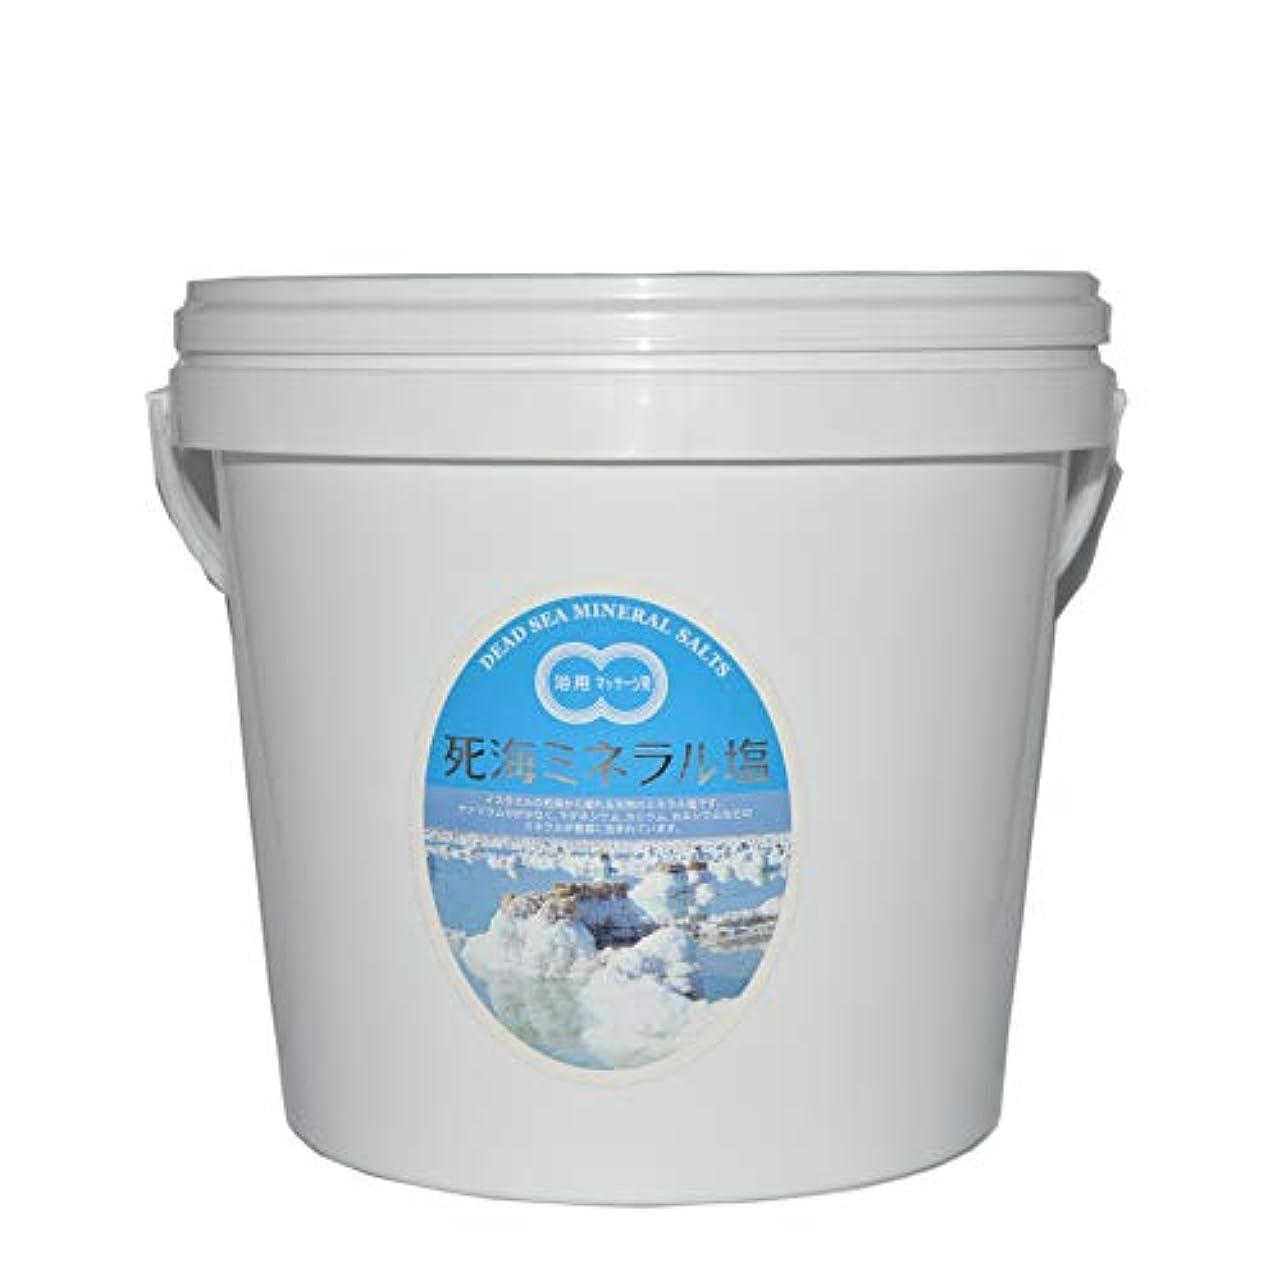 通知する金額オピエート死海ミネラル塩5kgバケツ